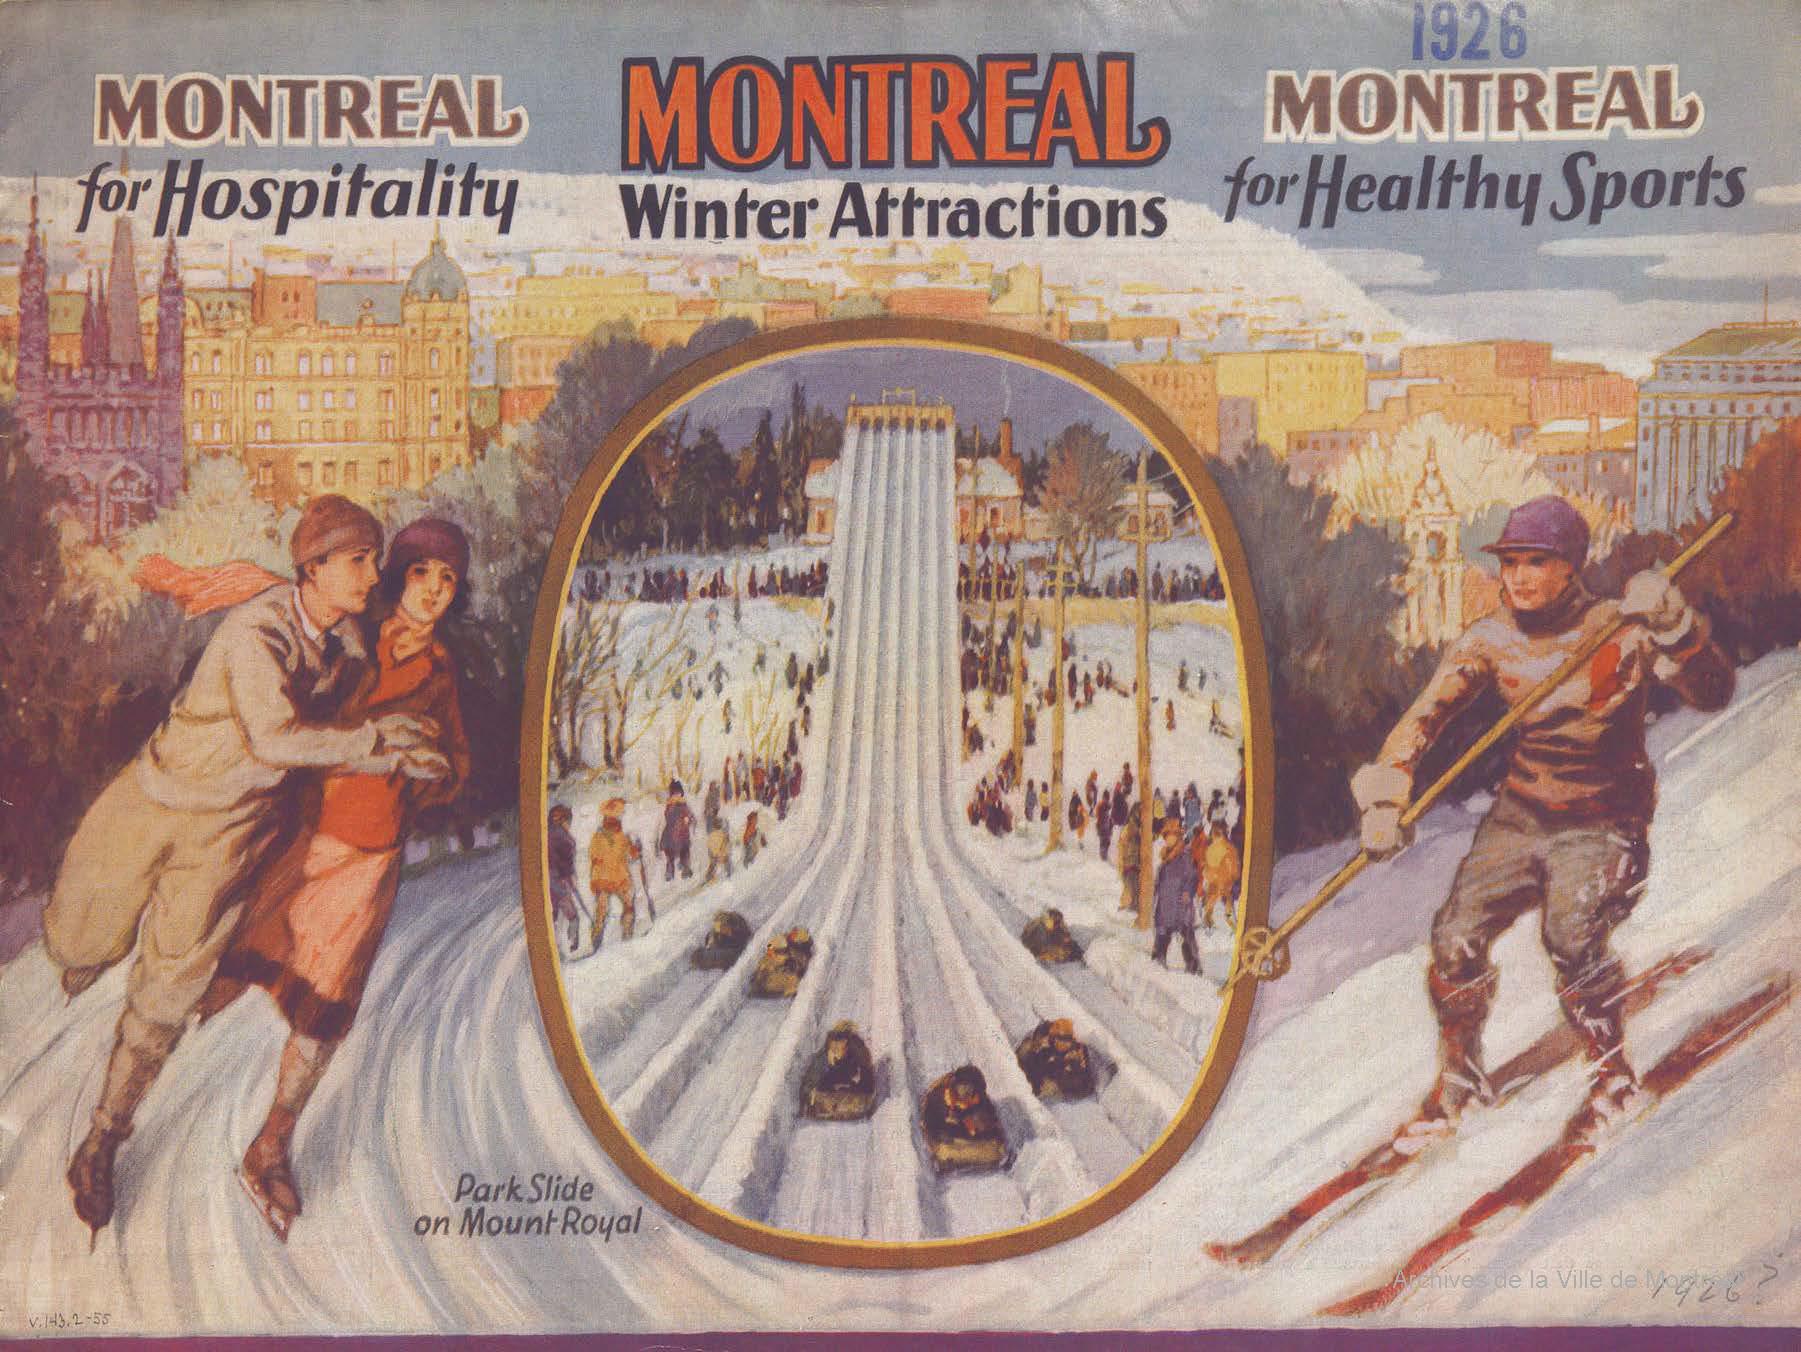 Guide touristique en couleurs montrant un couple patinant à droite, des glissoires au centre et un skieur à gauche.